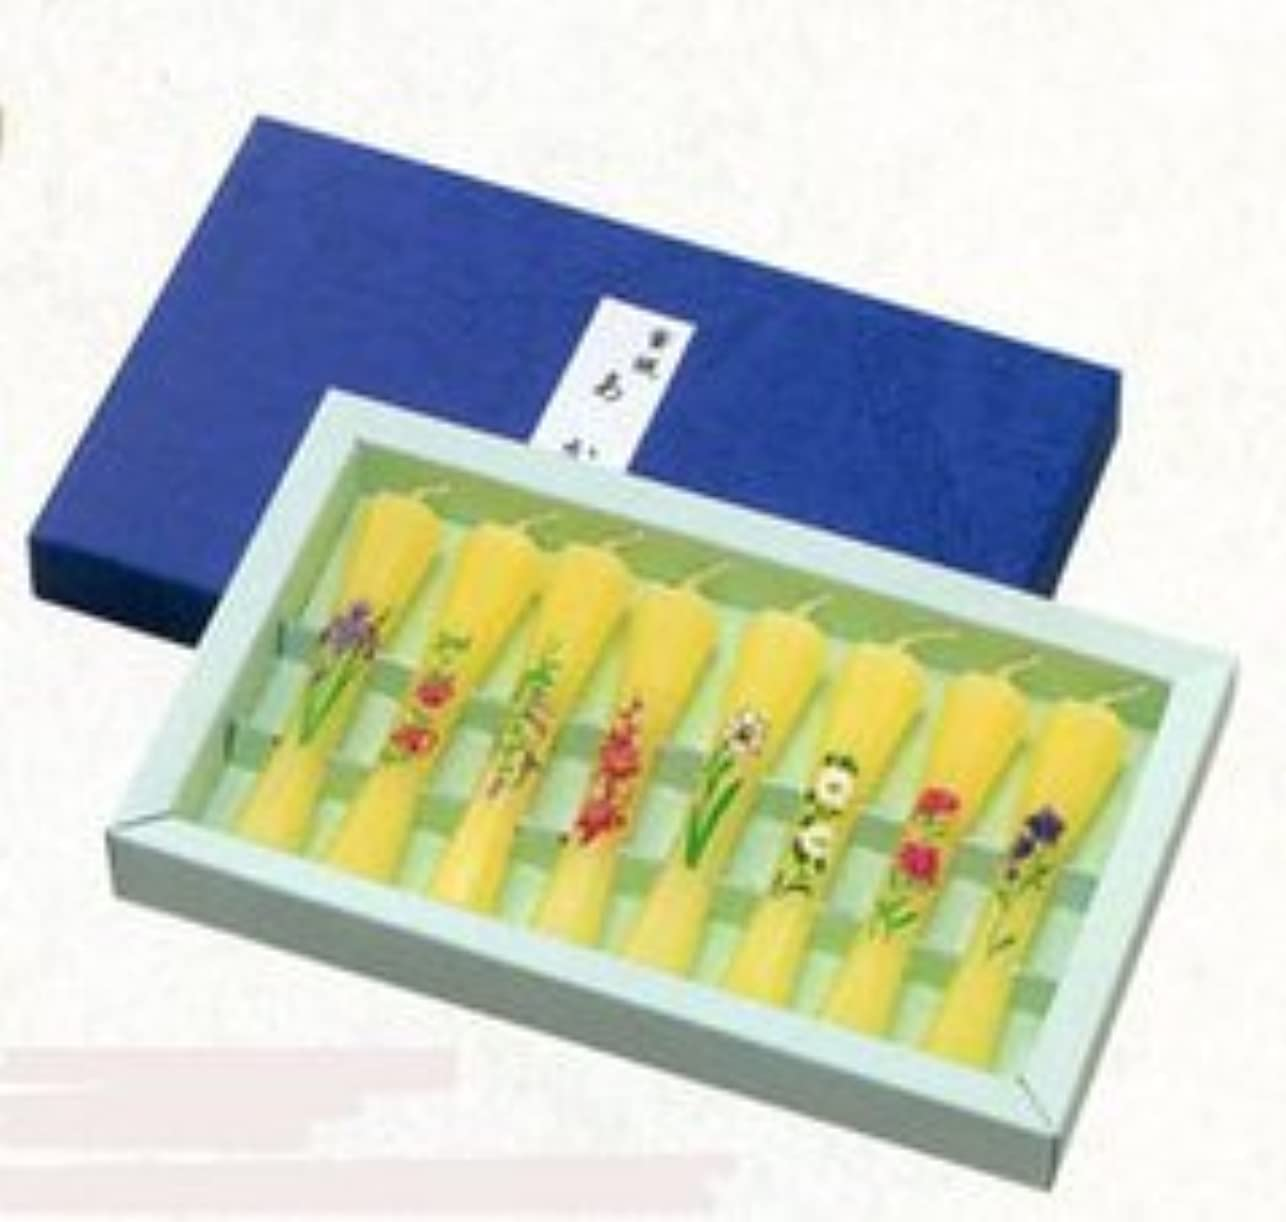 静める古風な不従順鮮やかな花の絵ローソク8本 蜜蝋(みつろー) 茜 絵ローソク